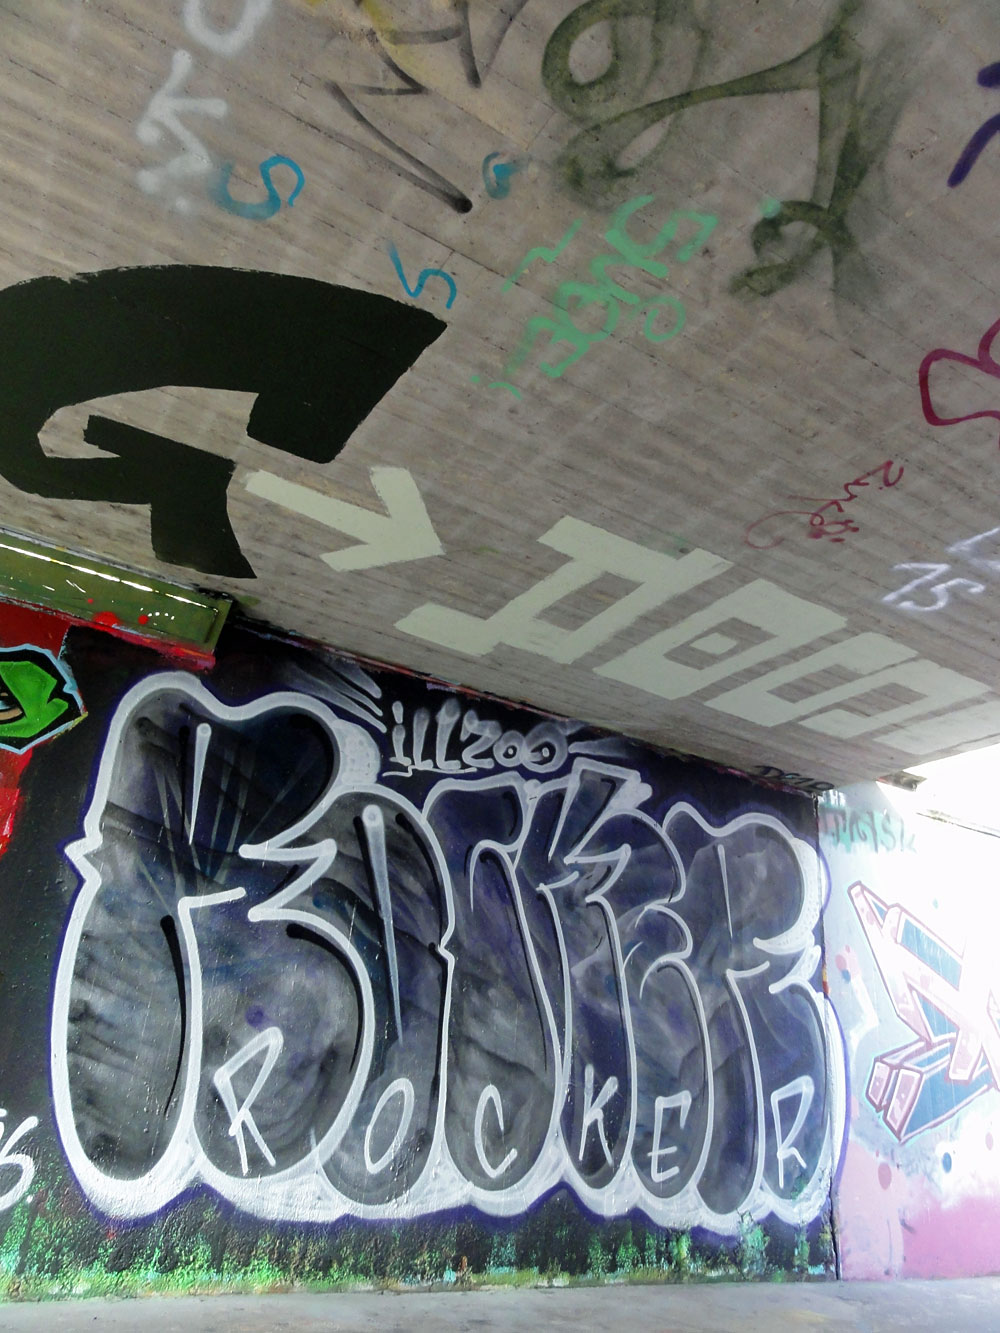 rocker-graffiti-bei-der-hall-of-fame-an-der-hanauer-landstrasse-in-frankfurt-